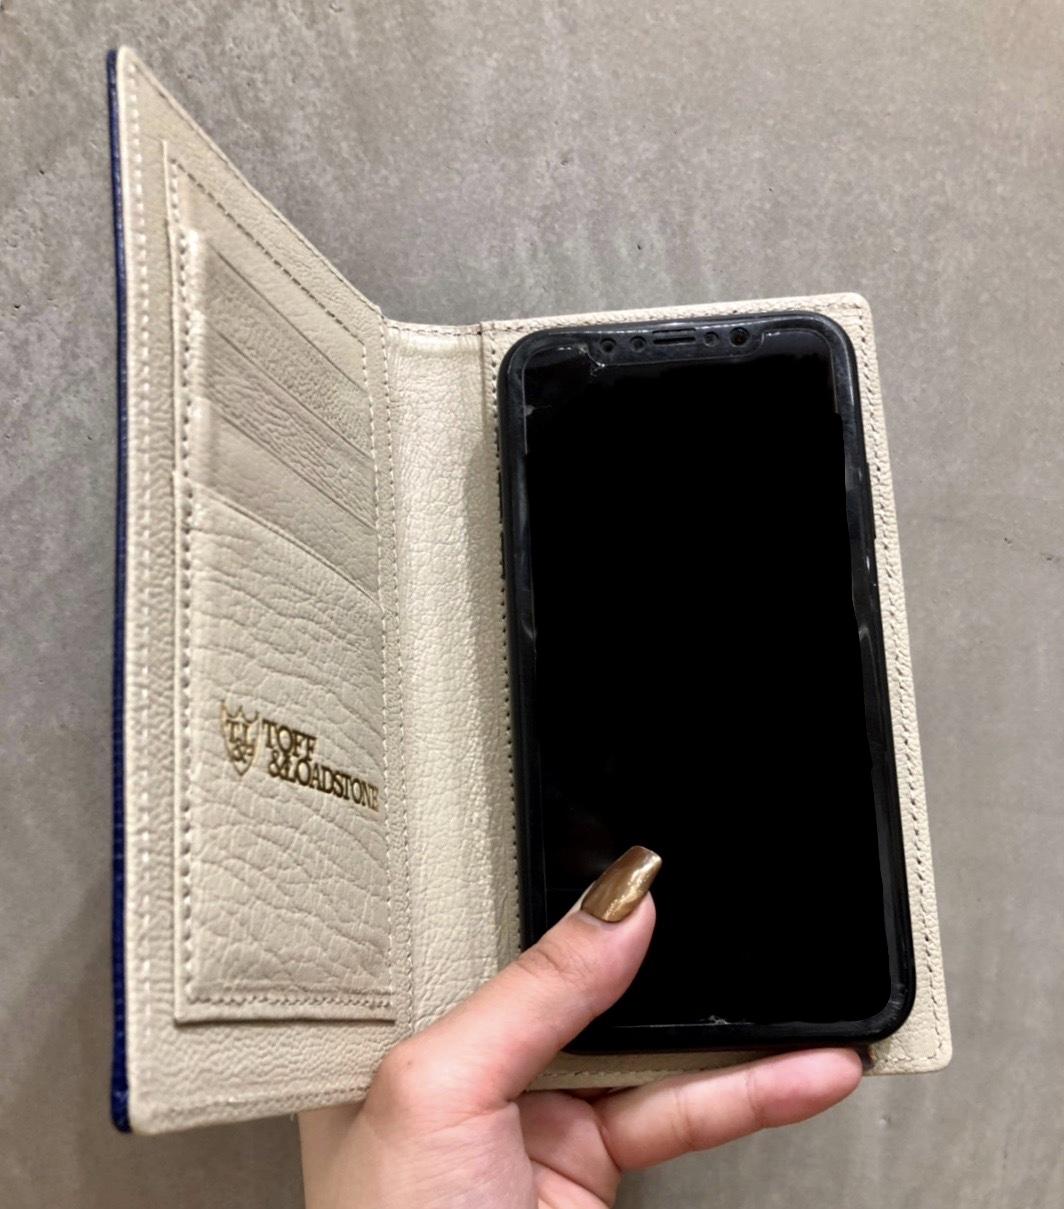 TOFF&LOADSTONE トフアンドロードストーンScrap Book スクラップブック 有楽町マルイ アトネックバイスクラップブック 可愛い スマートフォンケース iPhone case 手帳型 手帳型ケース 牛革 山羊革 日本製 日本のレザー